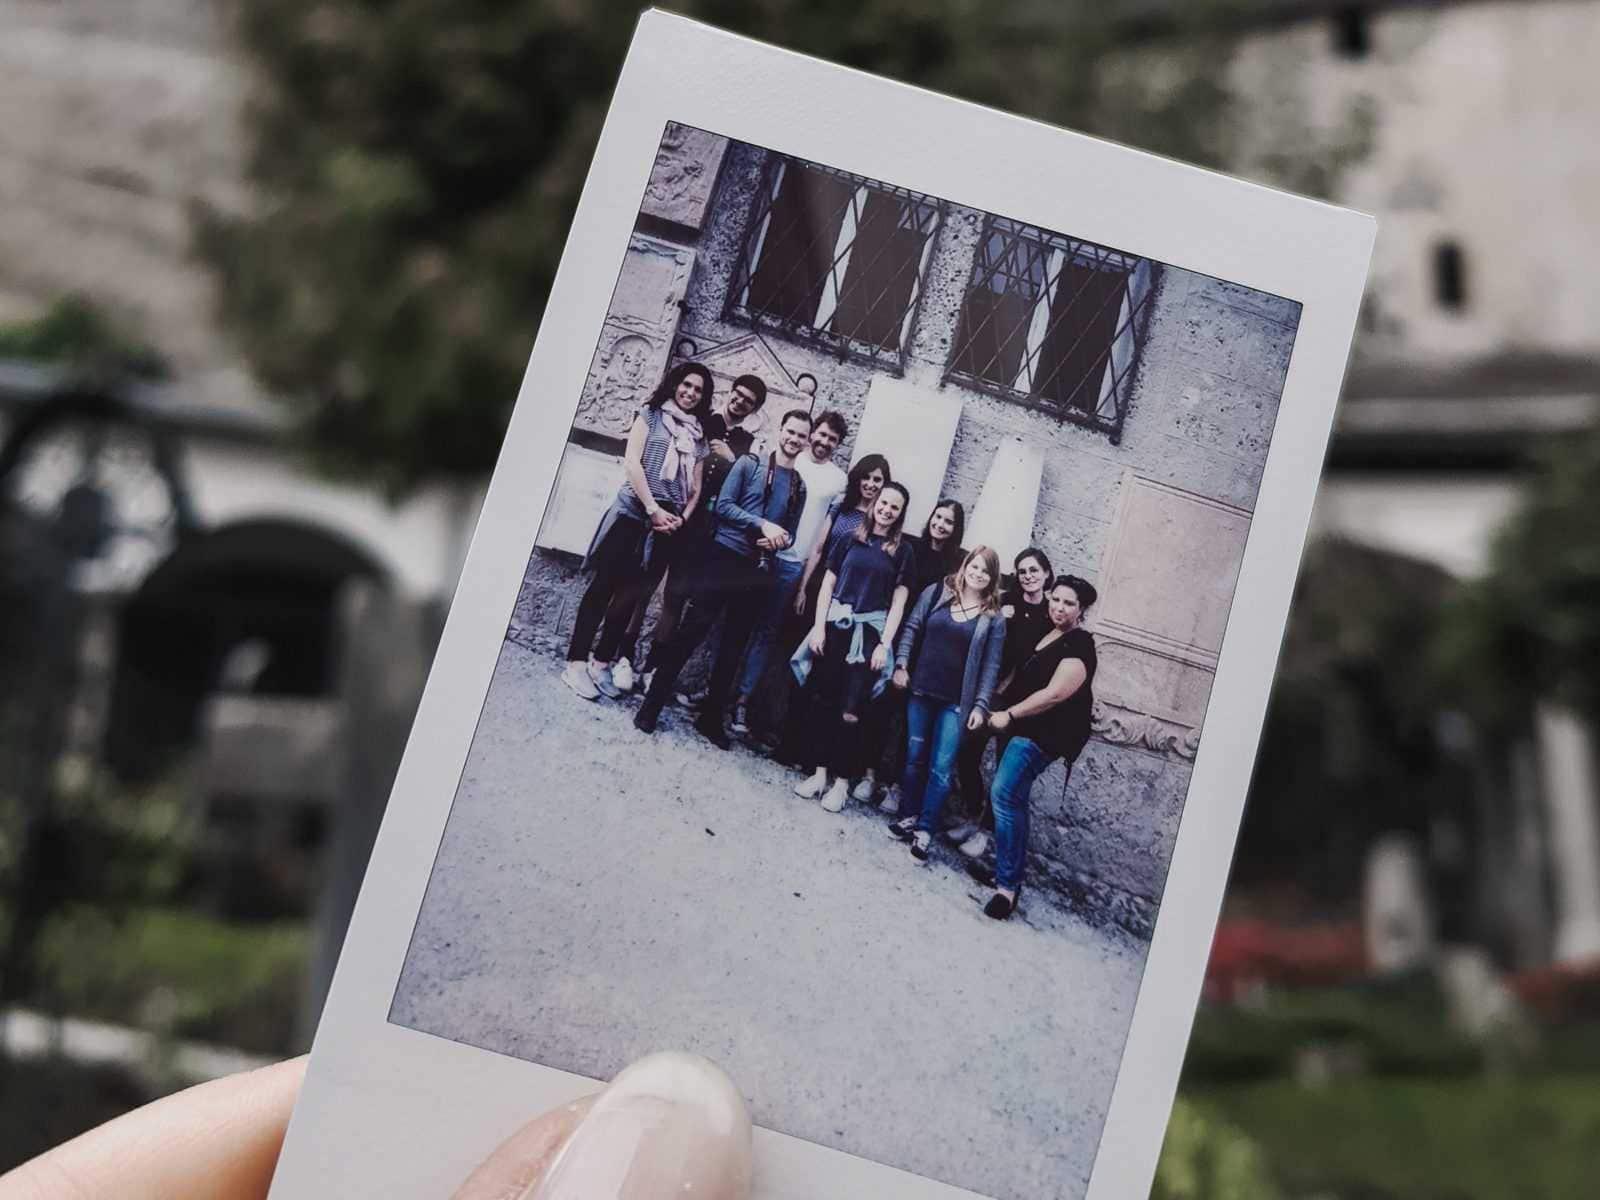 gruppenfoto auf polaroid